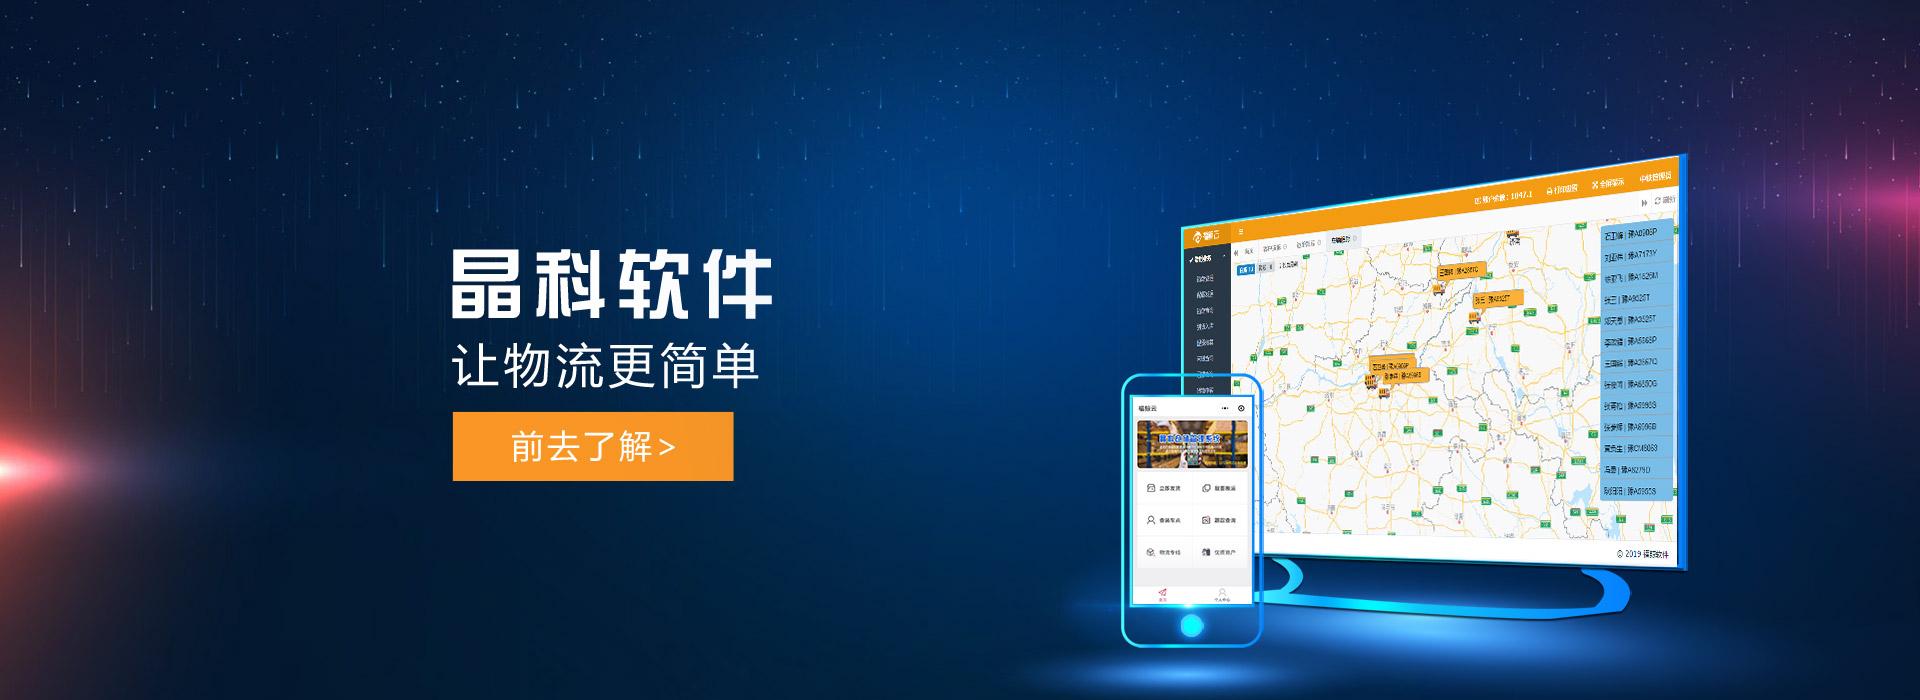 上海中向供应链管理有限公司|大宗贸易